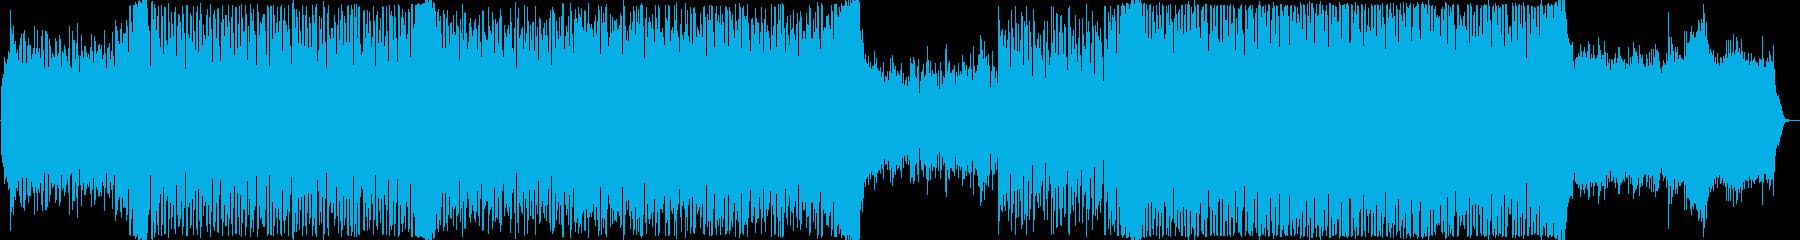 前向きでポジティブなEDMの再生済みの波形